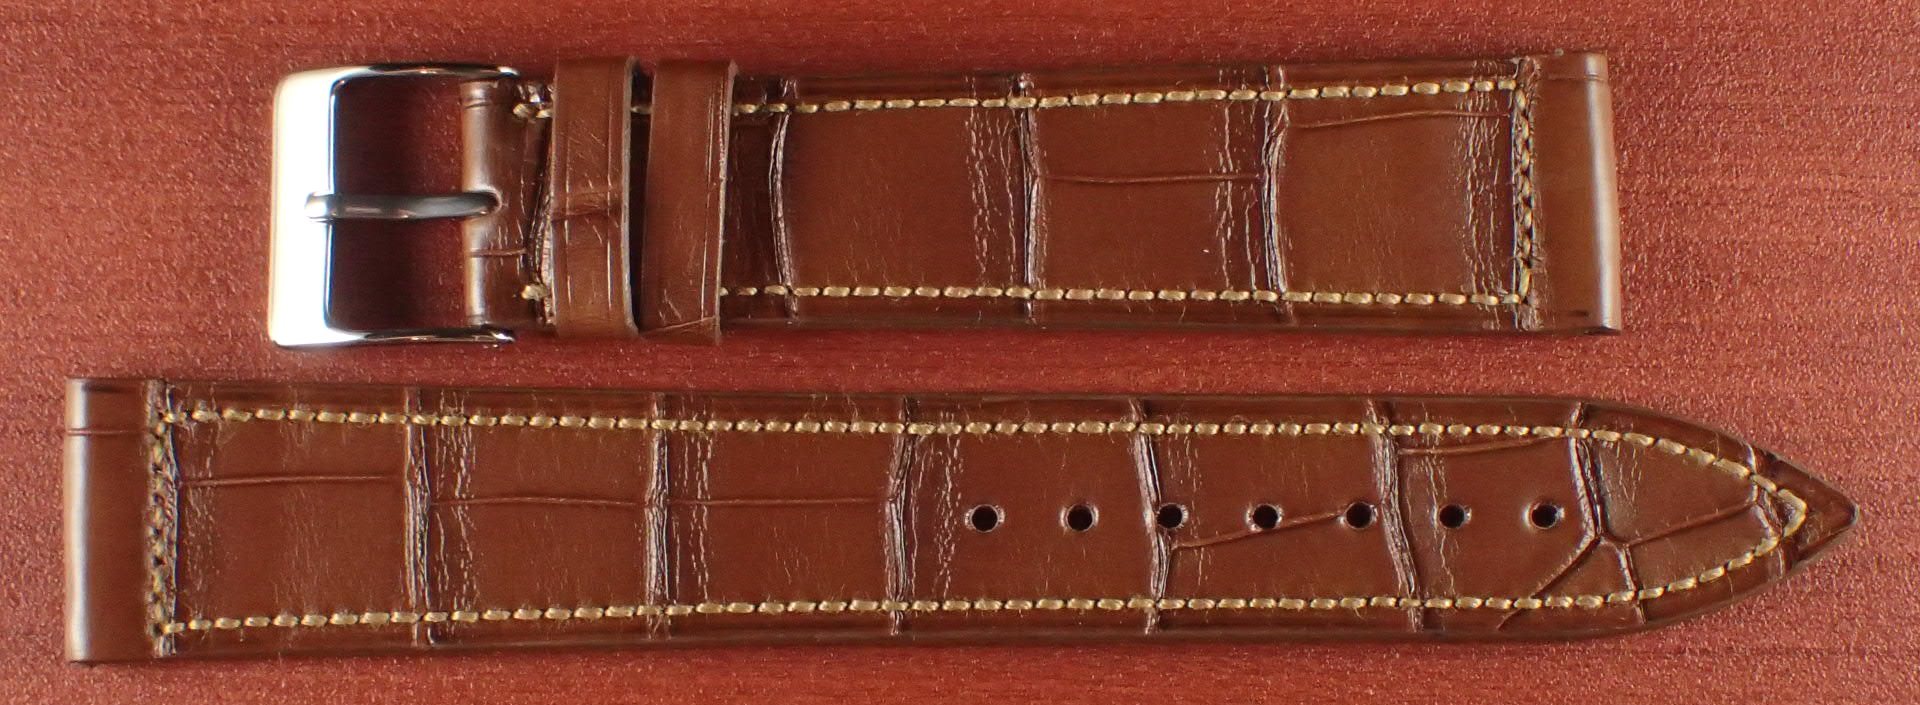 ジャン・クロード ペラン革ベルト クロコダイル ライトブラウン 18mm